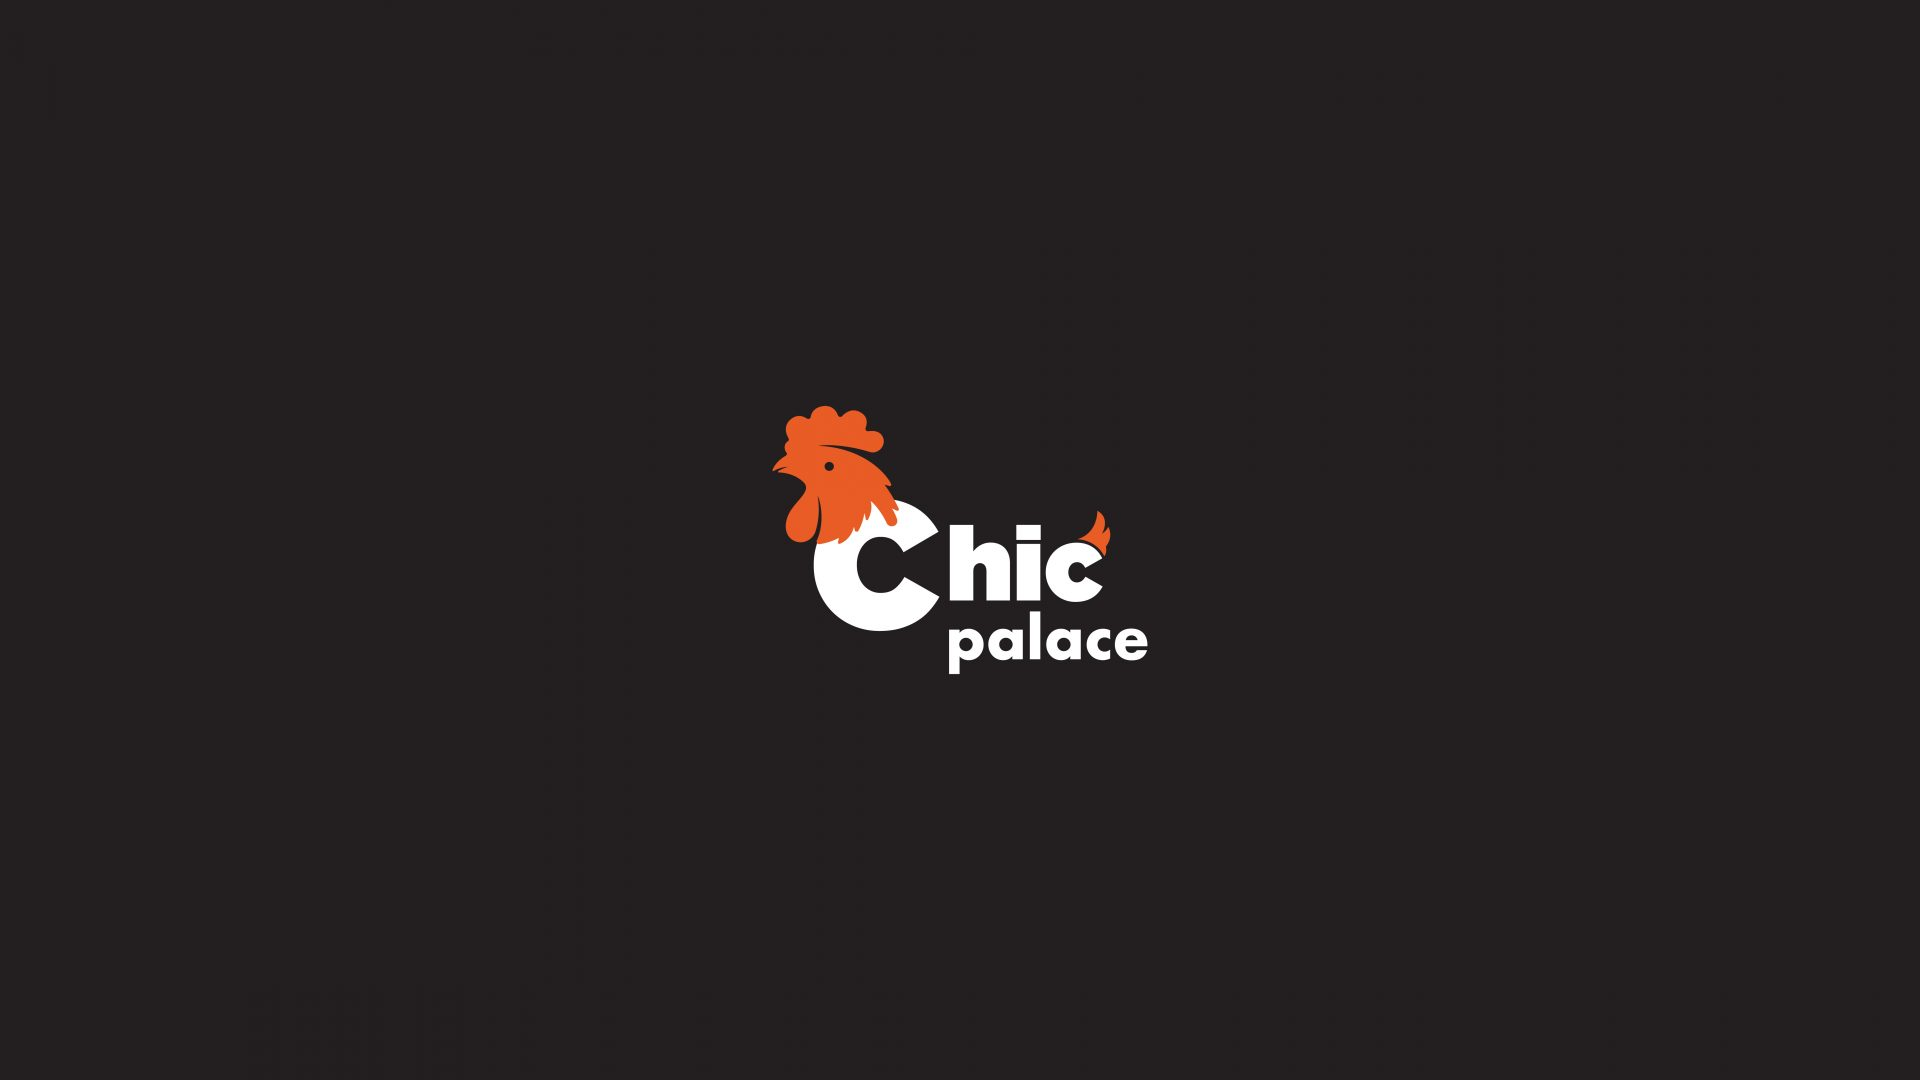 Chic Palace